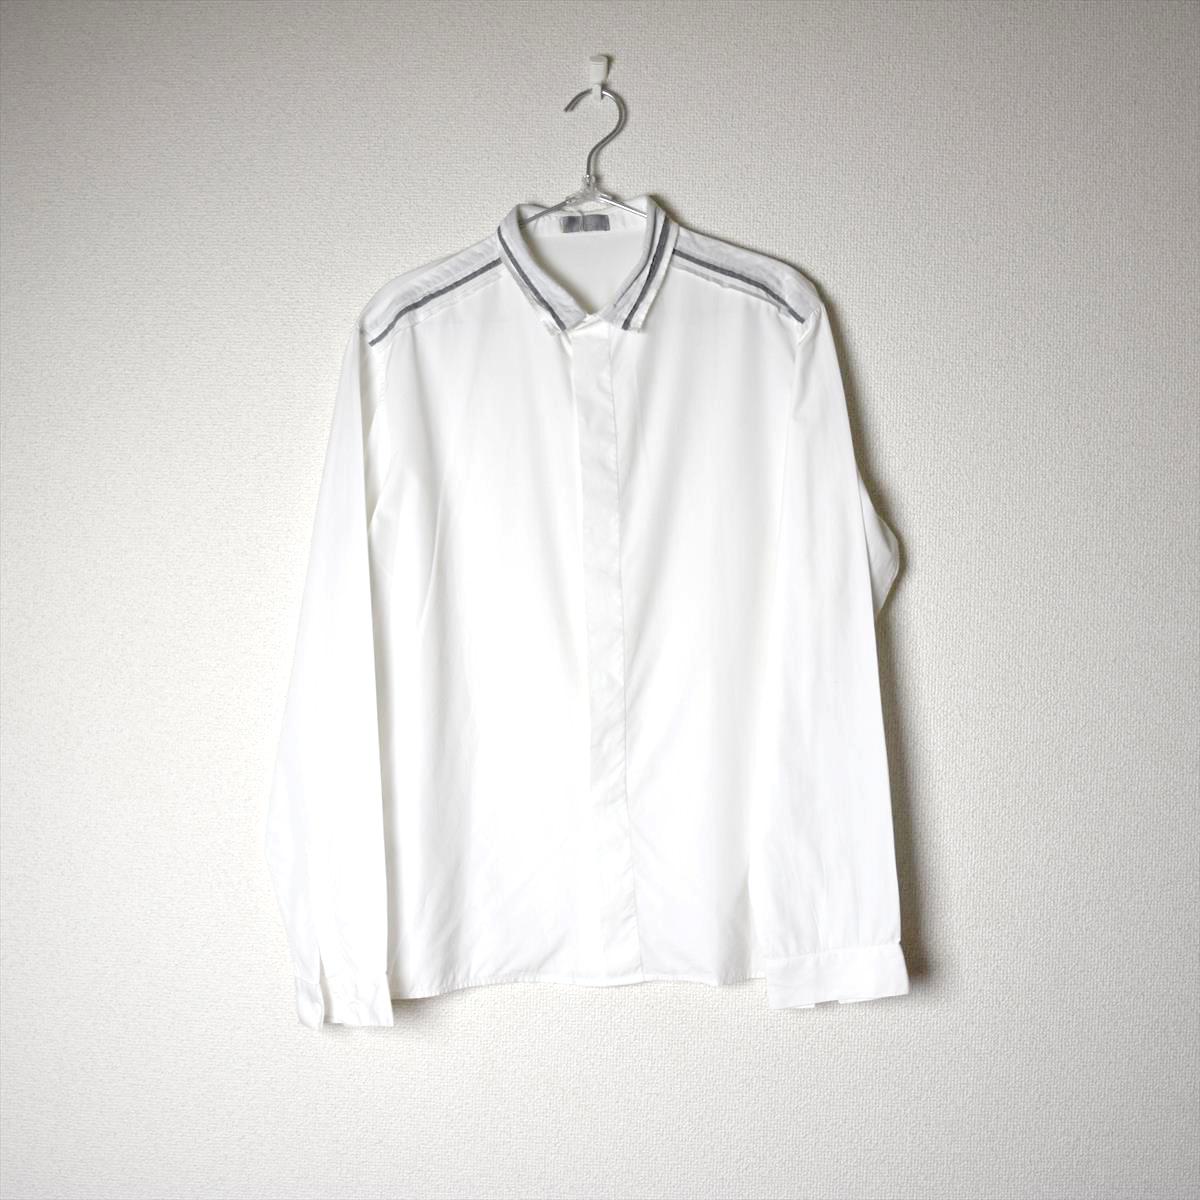 【中古】 Dior ディオール メンズ トップス シャツ コットン 古着